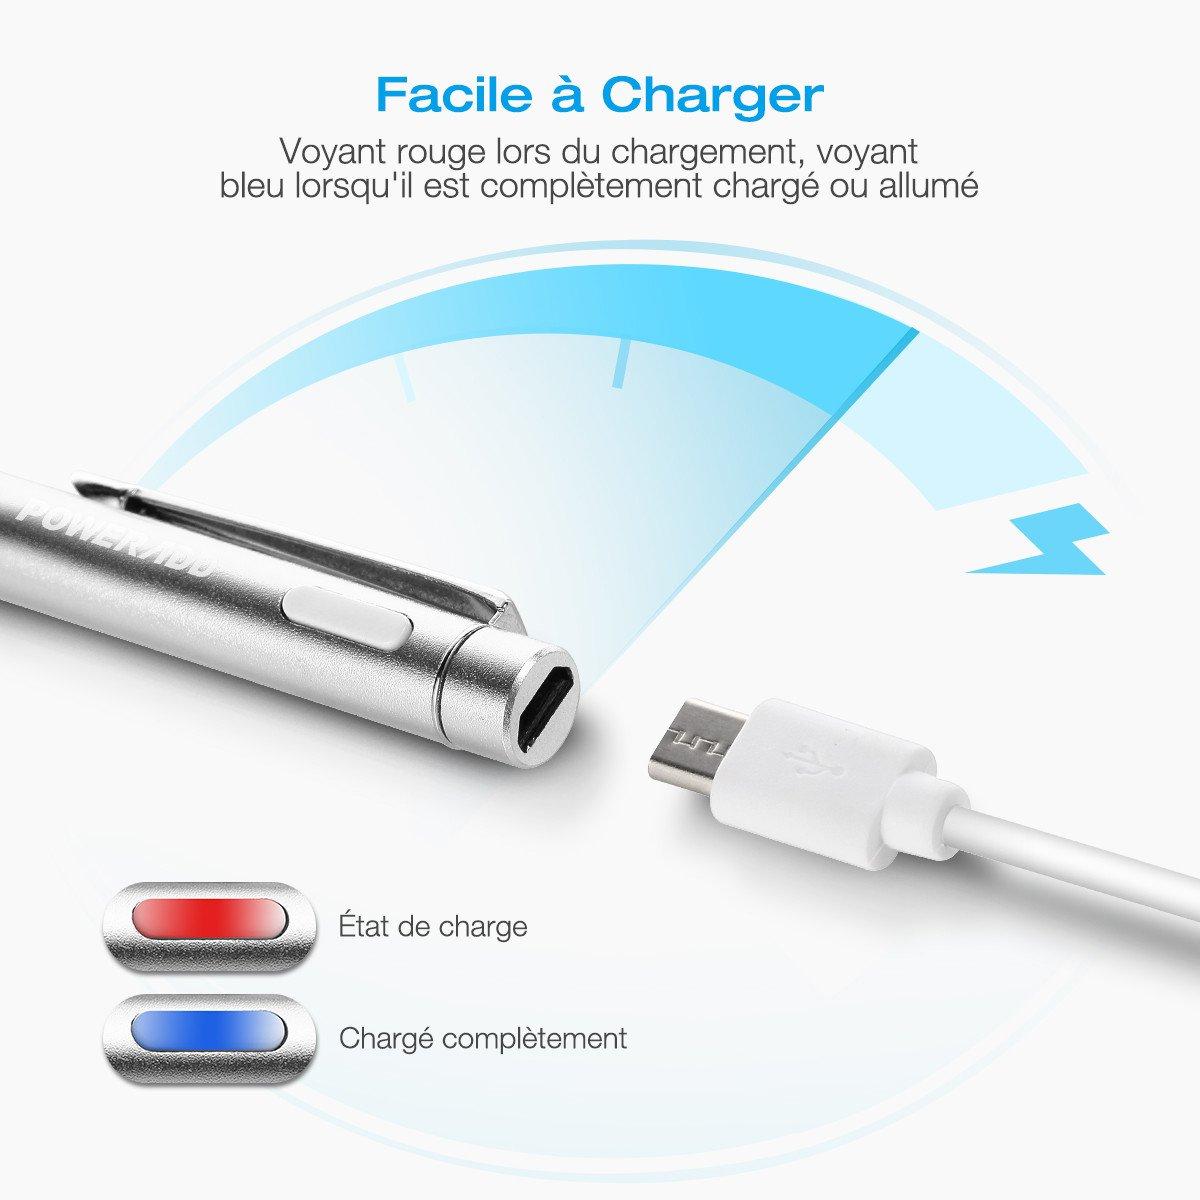 Poweradd Stylus Actif, Haute Précision Stylo Capacitif Universel pour les Appareils iOS / Android / Microsoft à Ecran Tactile, Argent